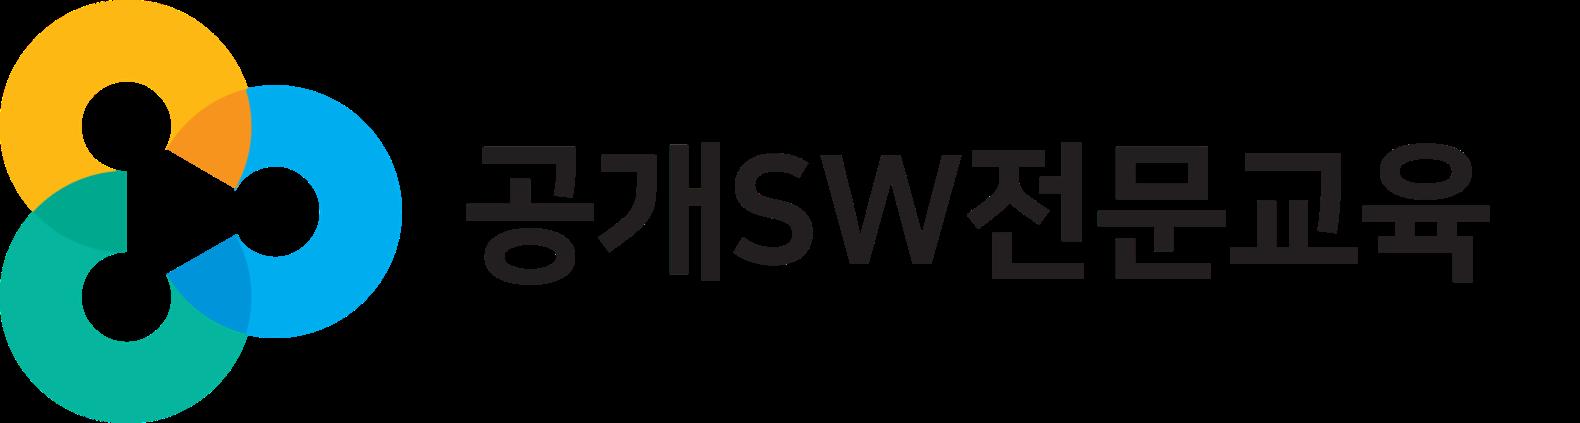 공개SW전문교육 로고